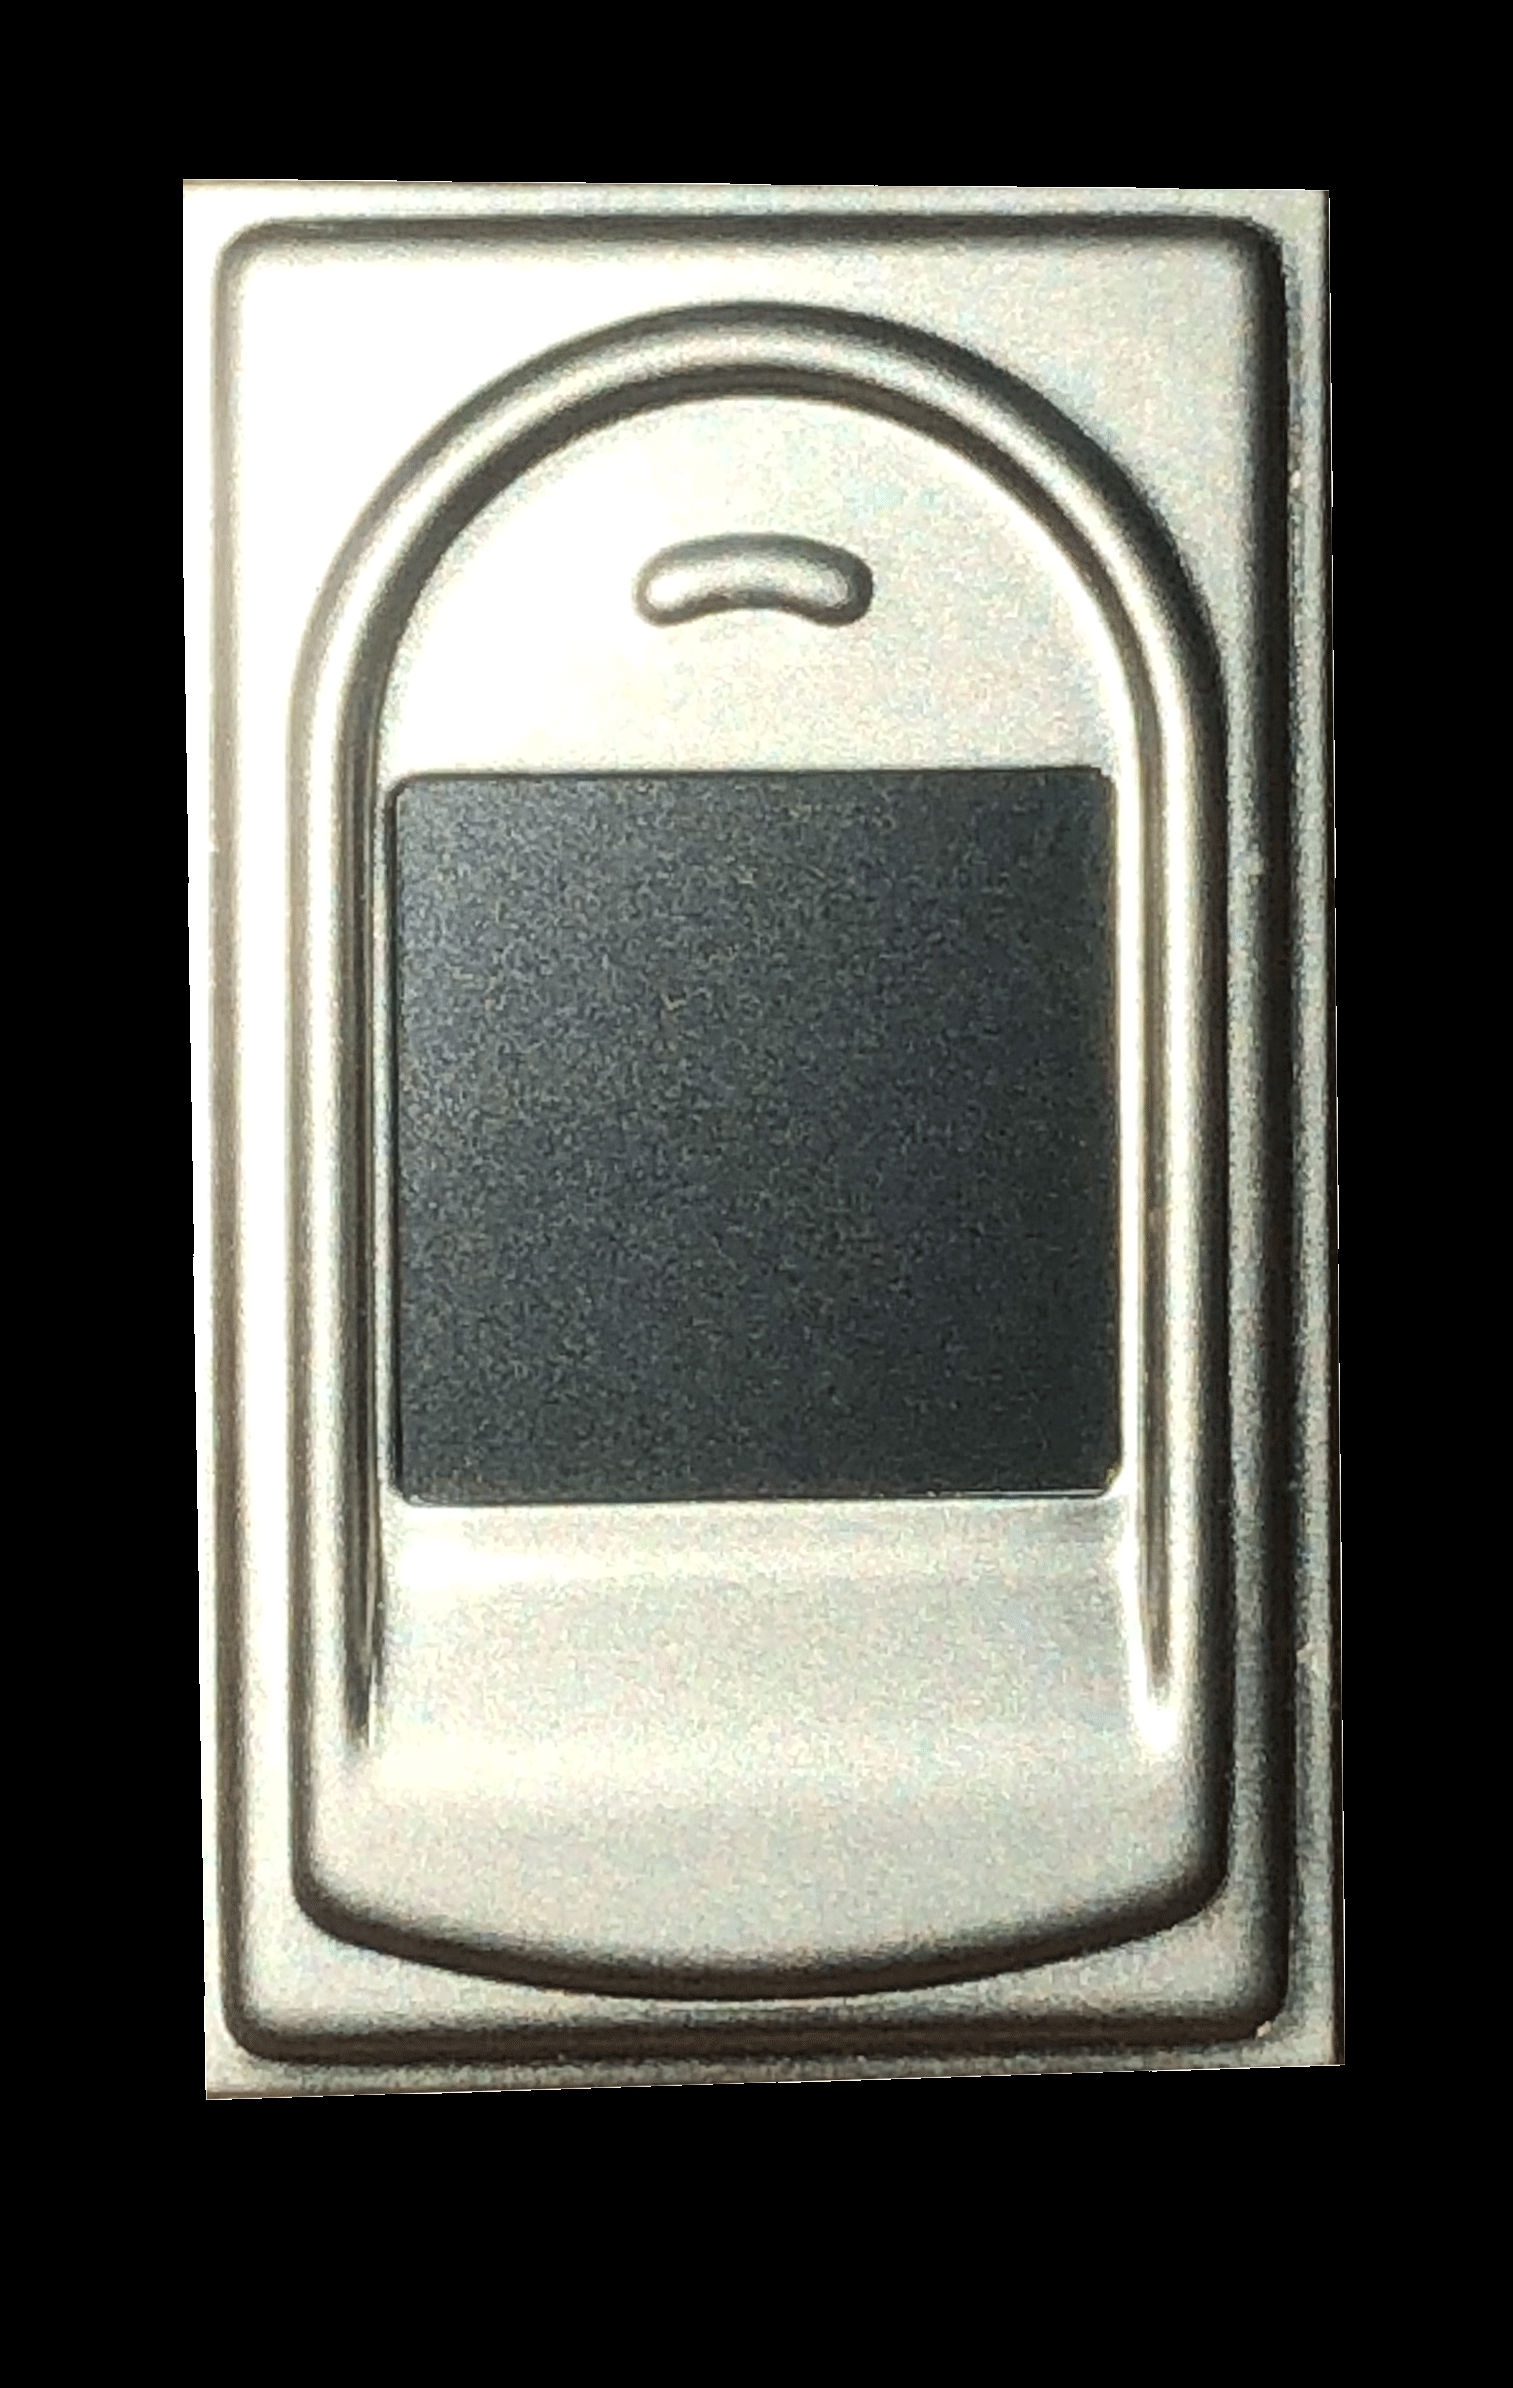 MG300半导体指纹识别模组